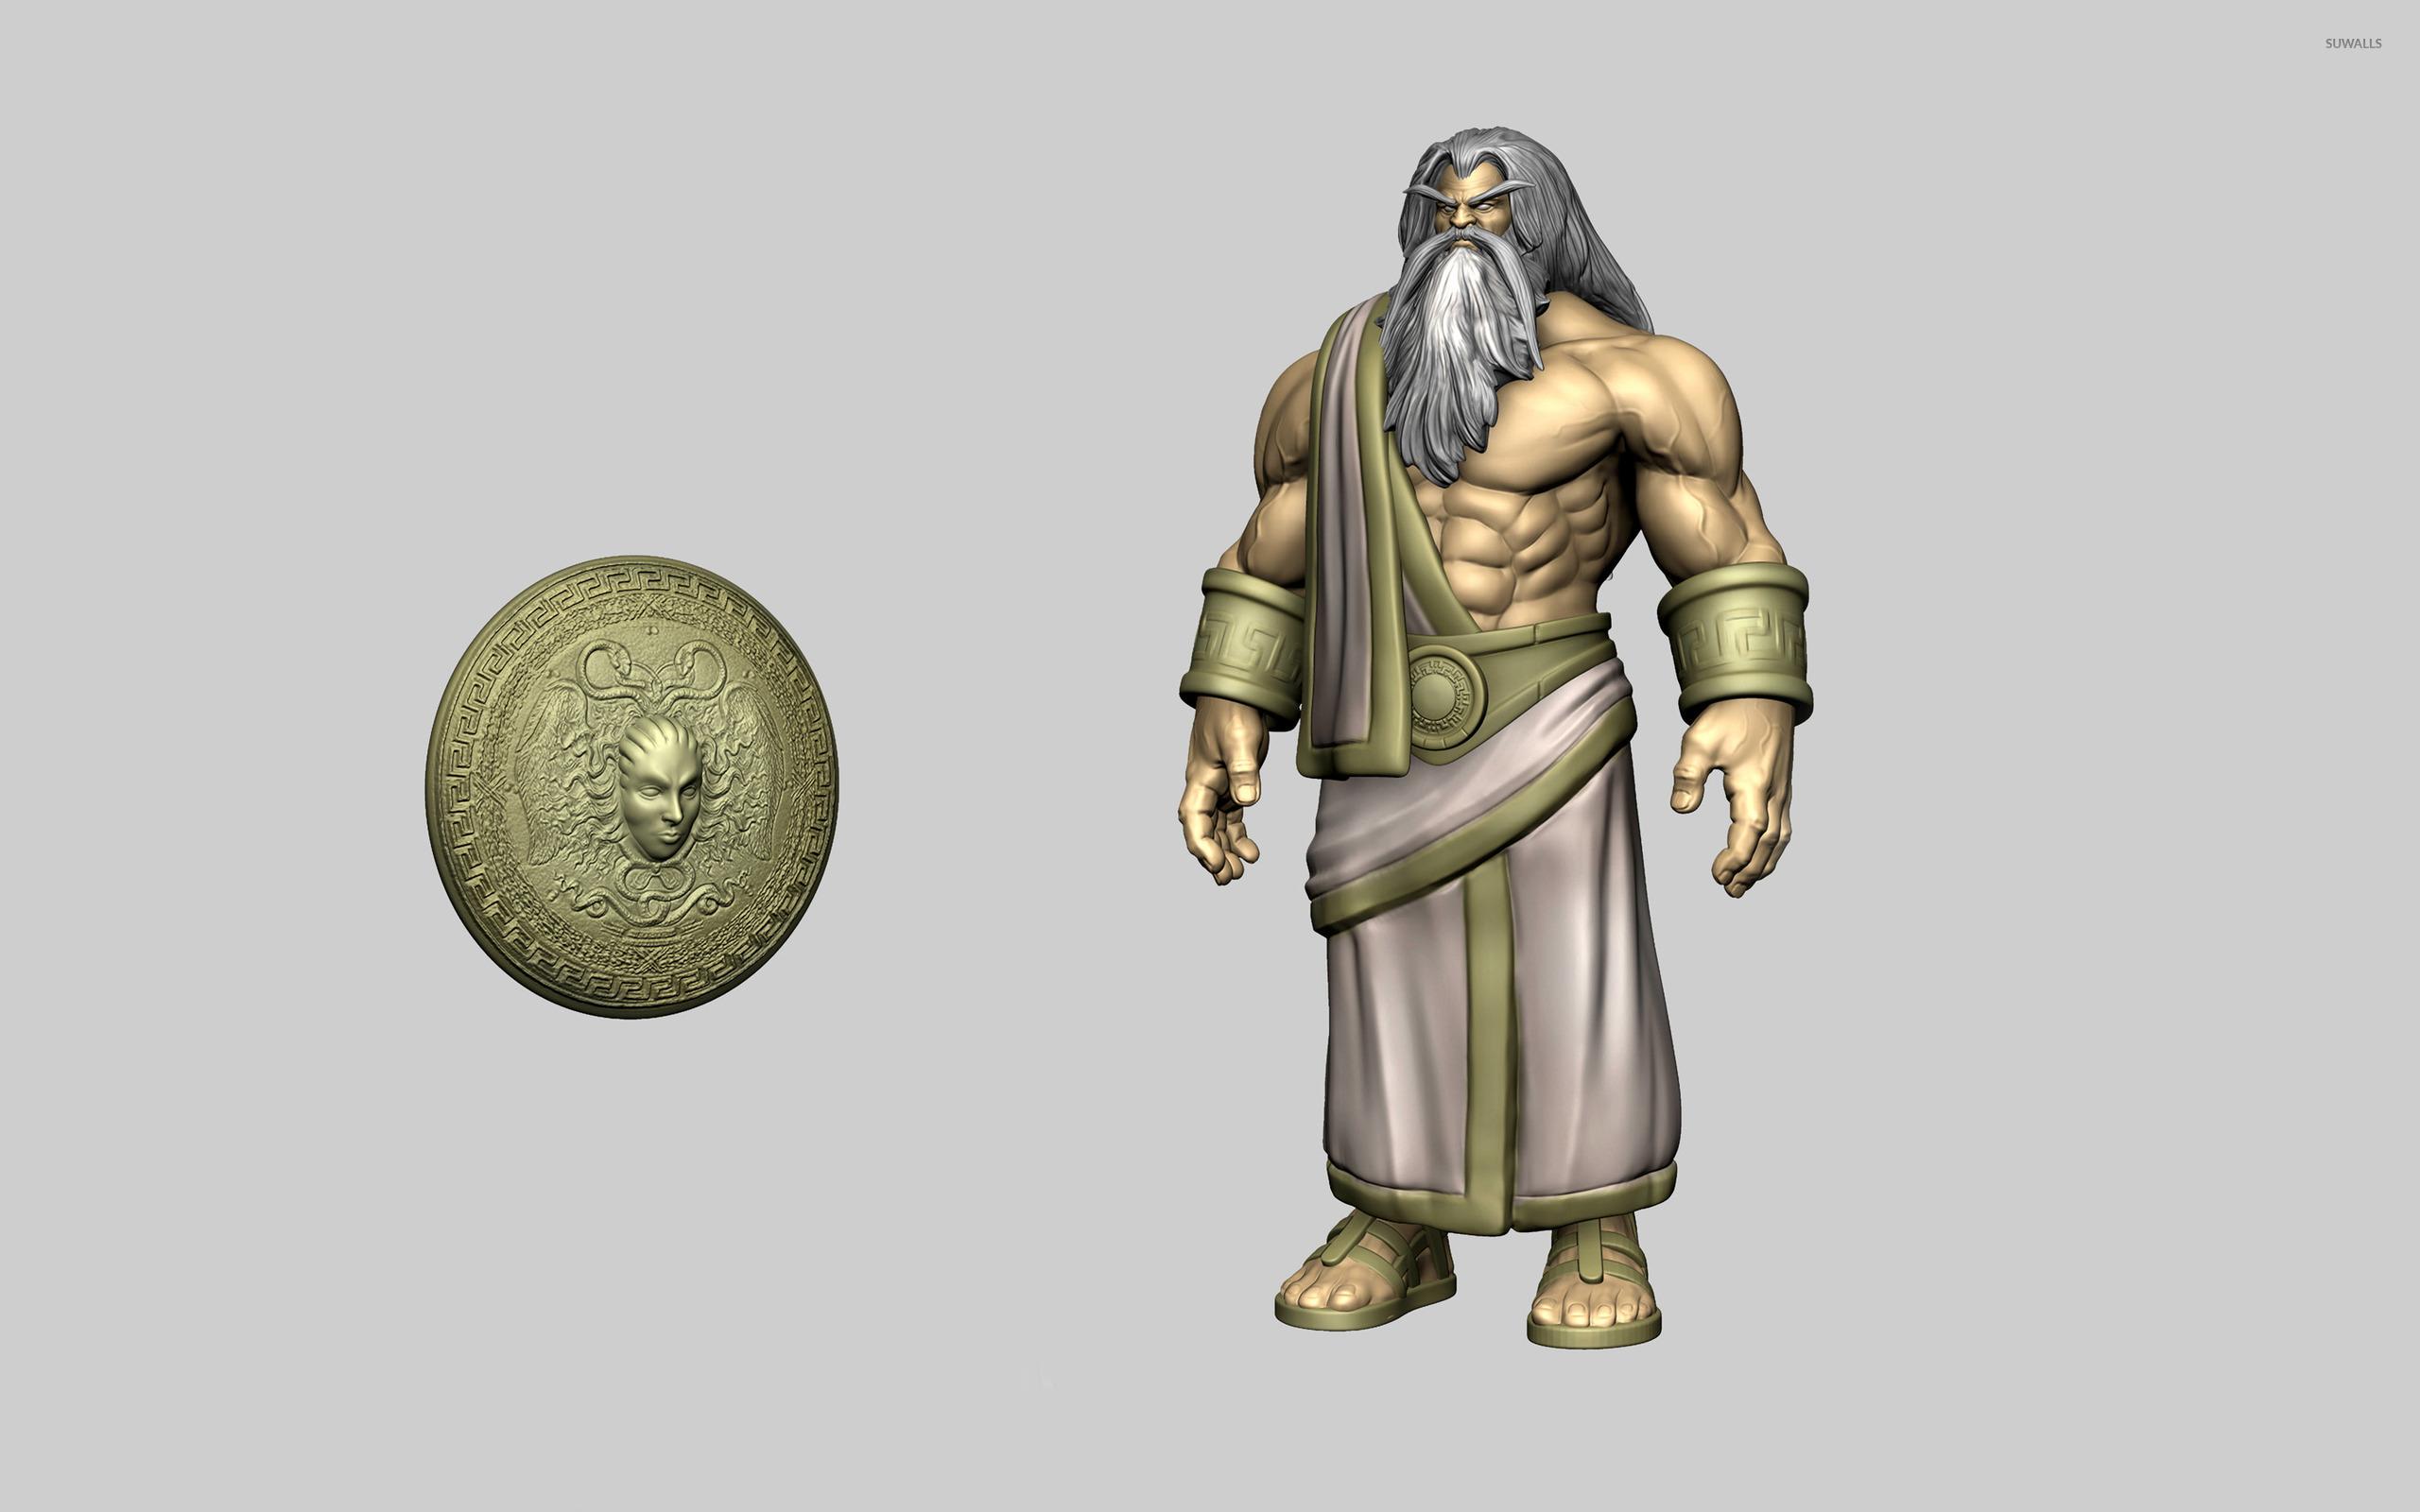 Zeus Smite 2 Wallpaper Game Wallpapers 22433